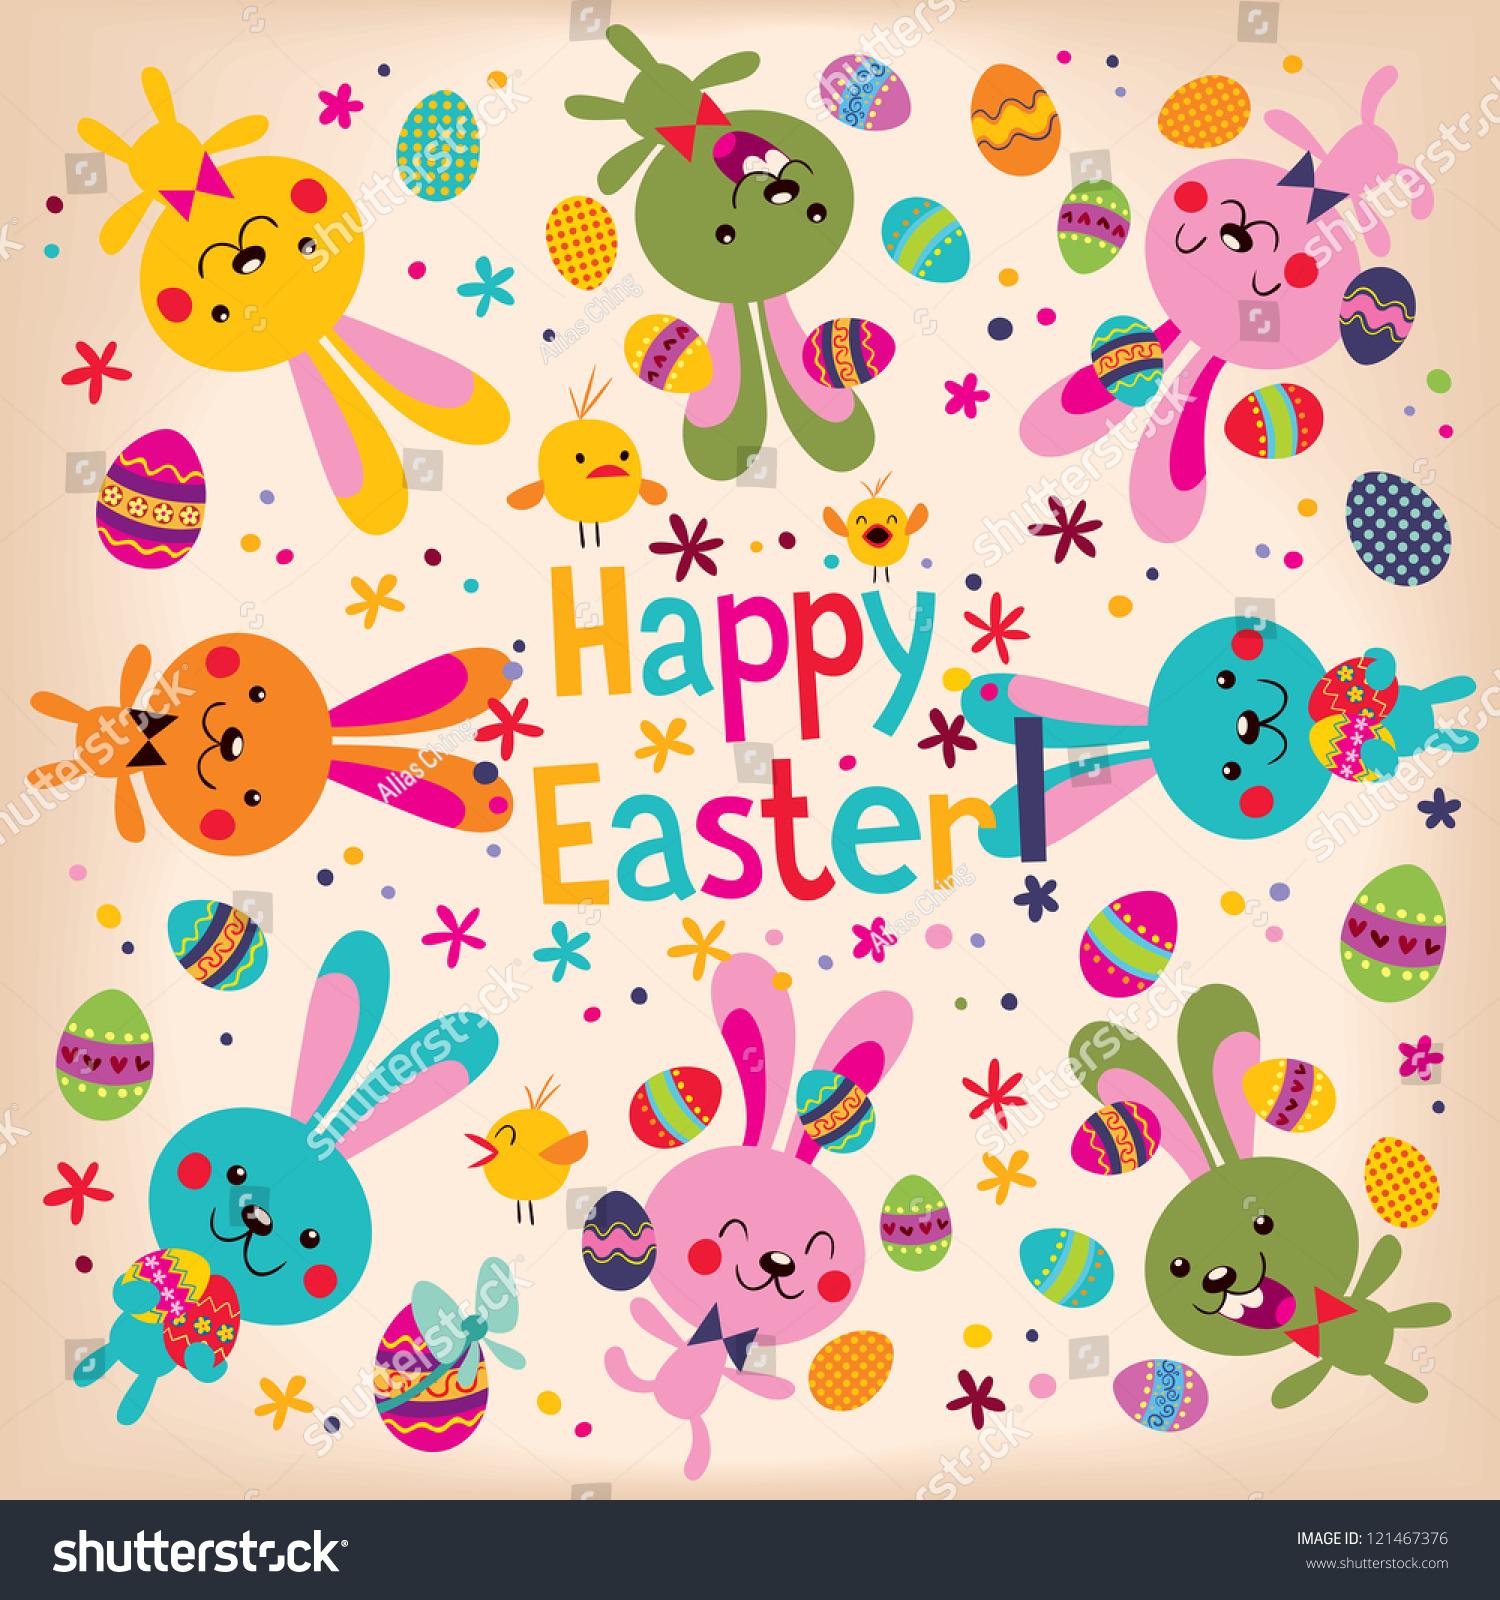 Happy Easter Stock Illustration 121467376 - Shutterstock